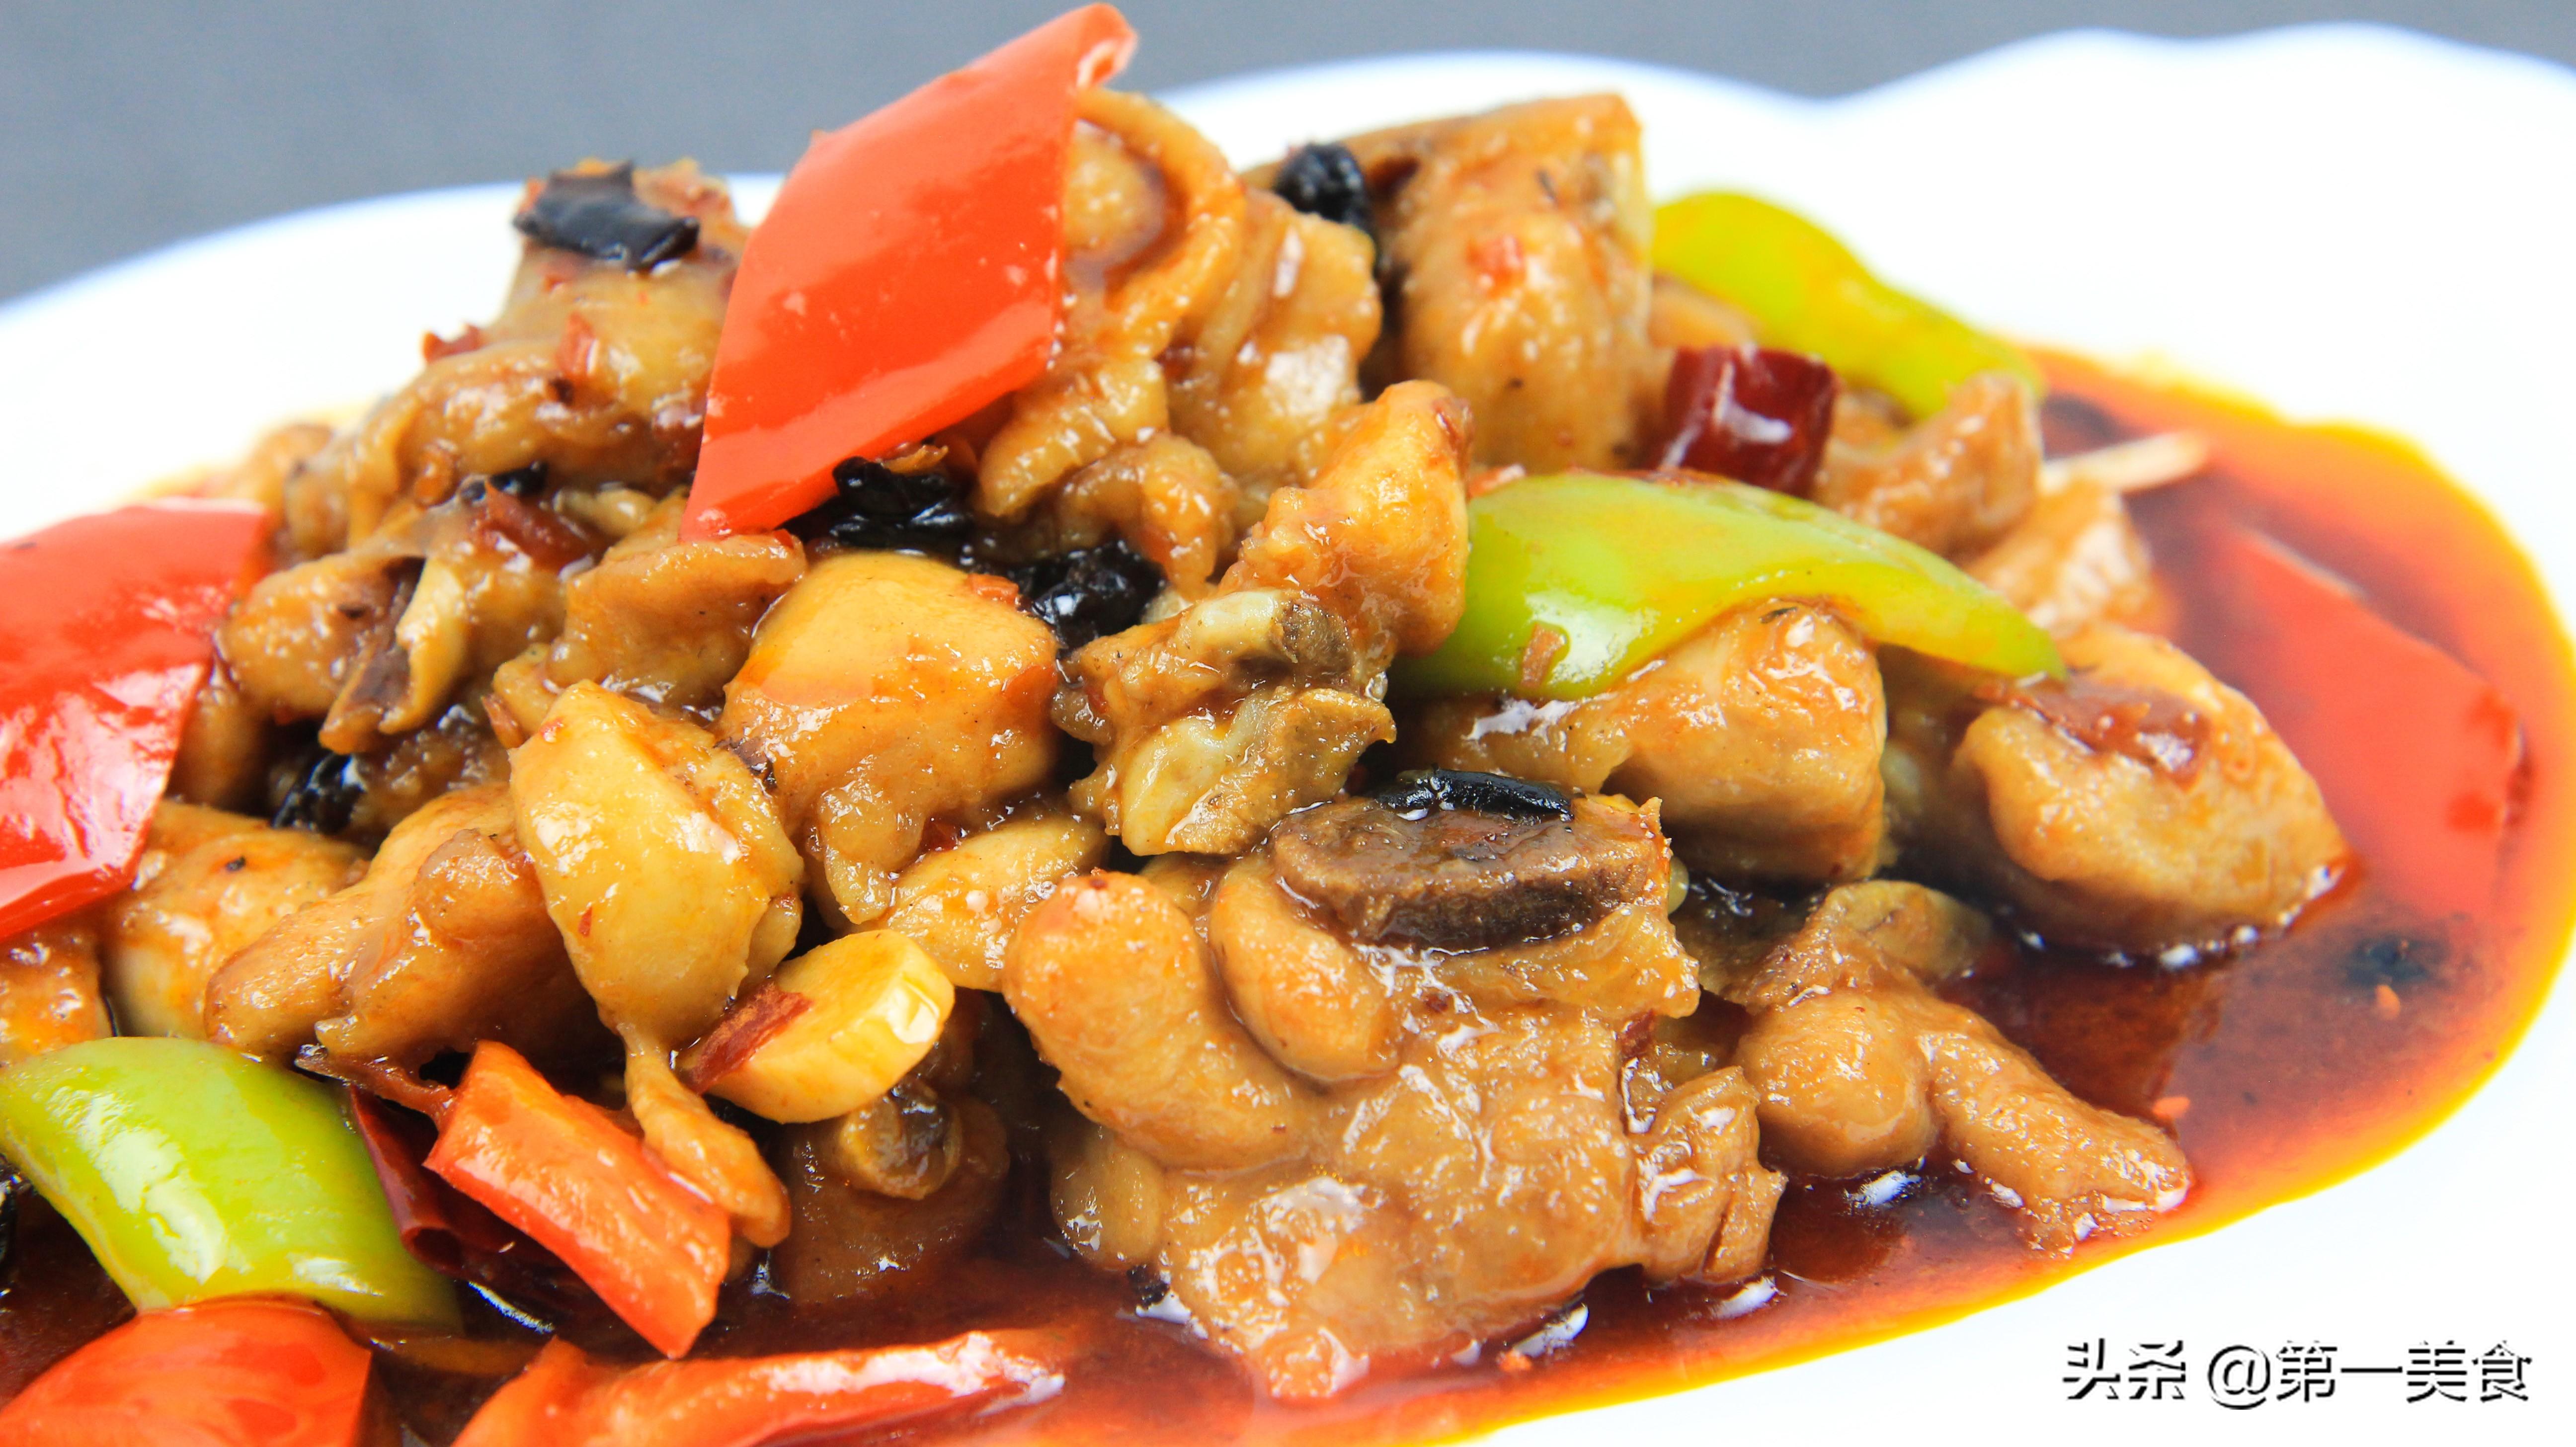 豆豉鸡腿这样做才好吃 鸡腿鲜香麻辣 鸡肉不柴不老 开胃又下饭